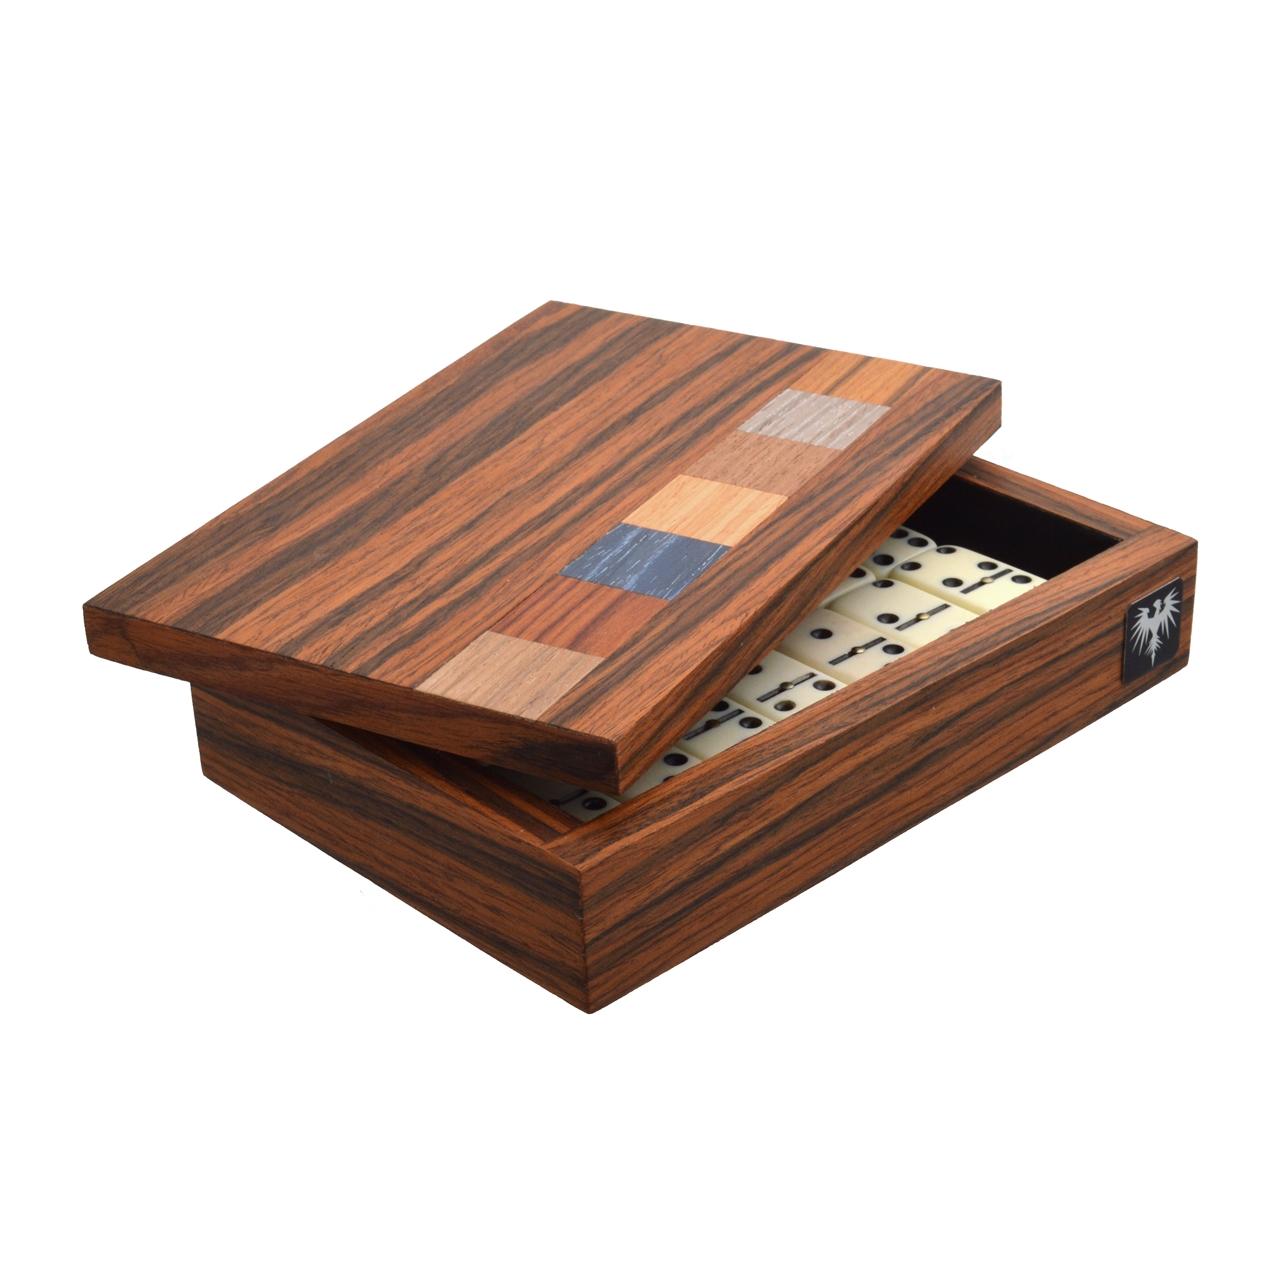 jogo-de-domino-estojo-havana-madeira-marchetado-ref-01-imagem-1.jpg